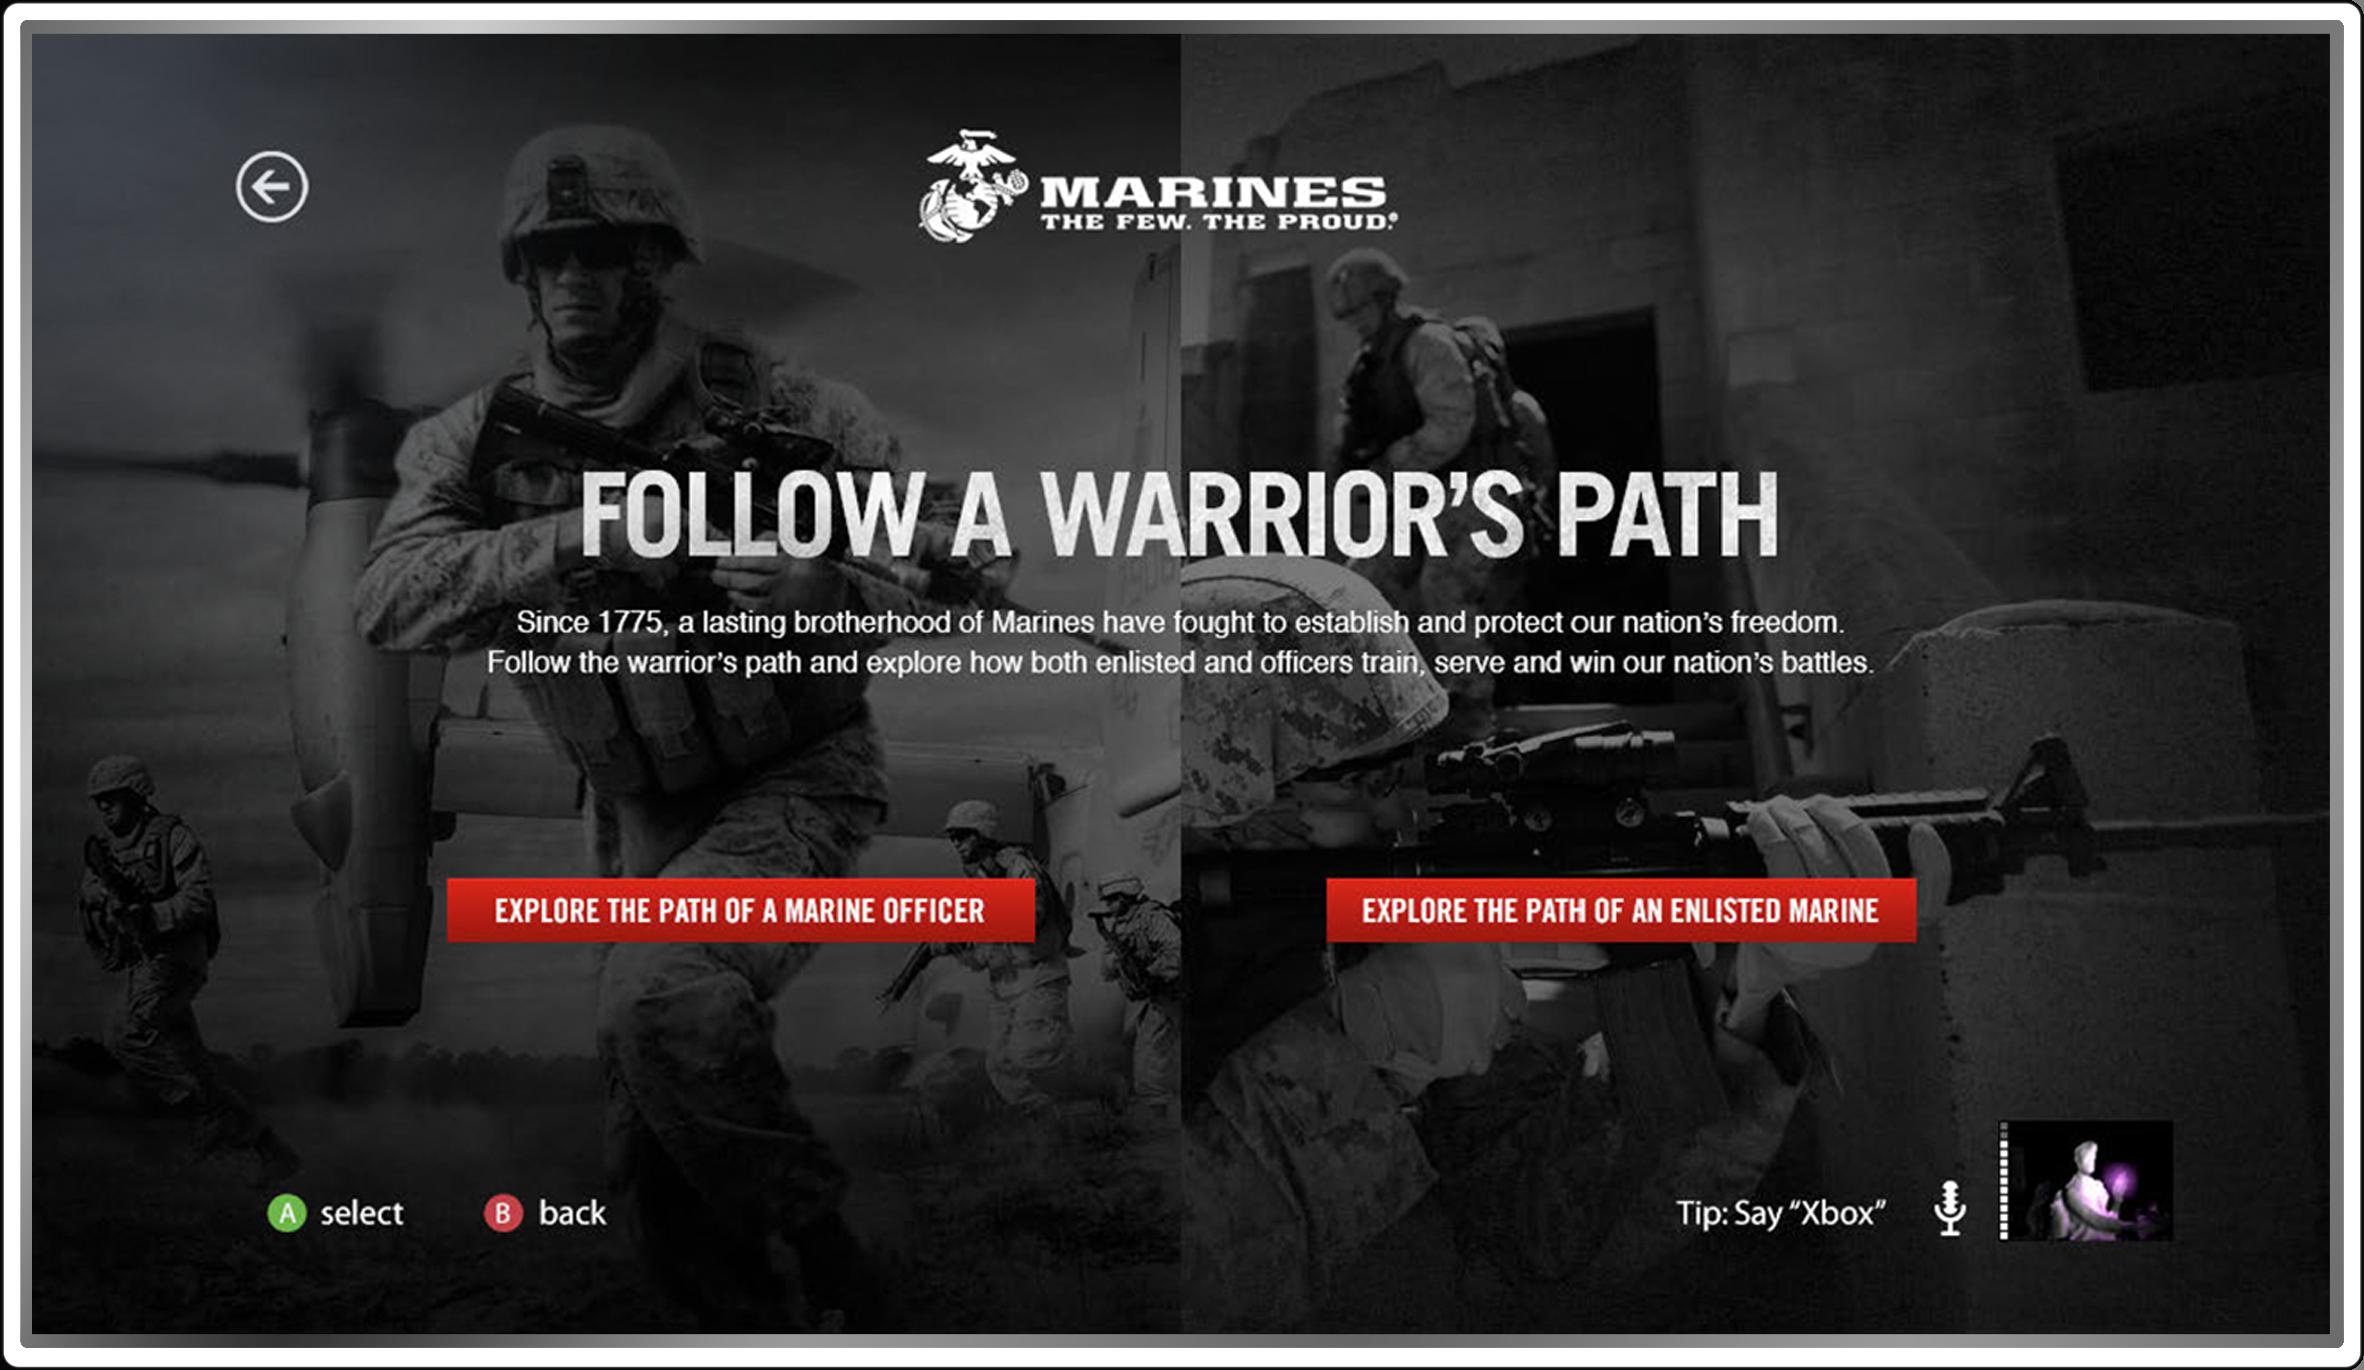 Marines-XBOX-TV-01